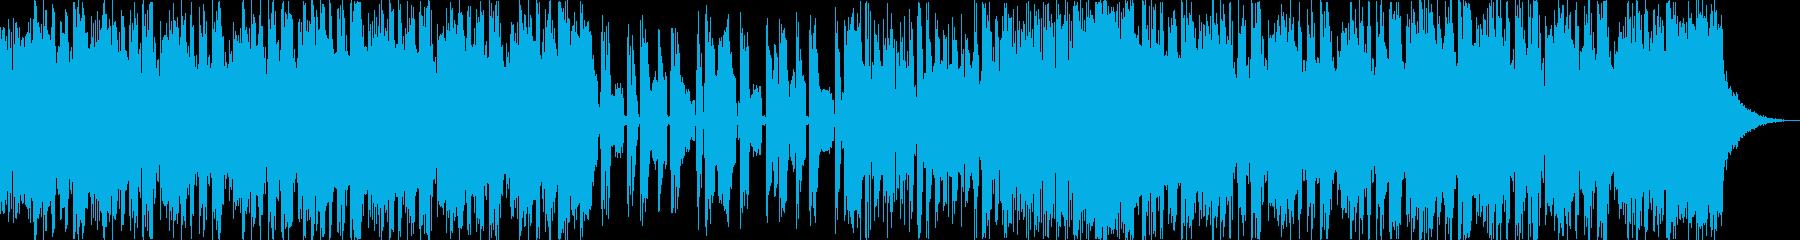 疾走感緊張感デジタルダークドラムンベースの再生済みの波形